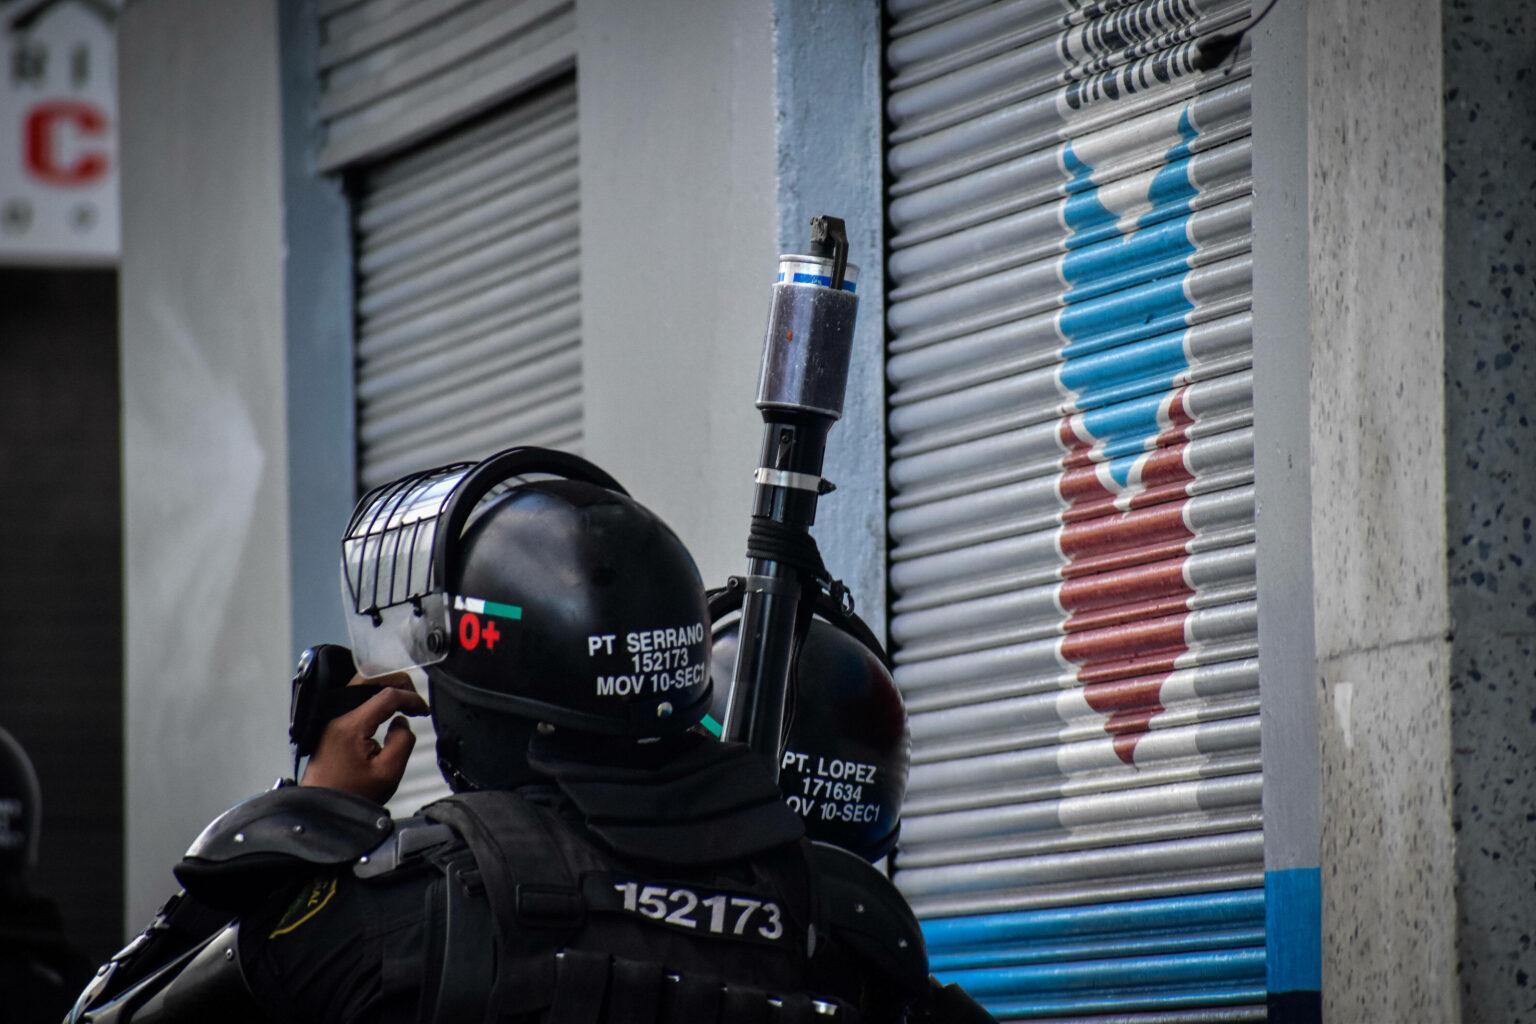 IMAGO / ZUMA Wire / Camilo Erasso